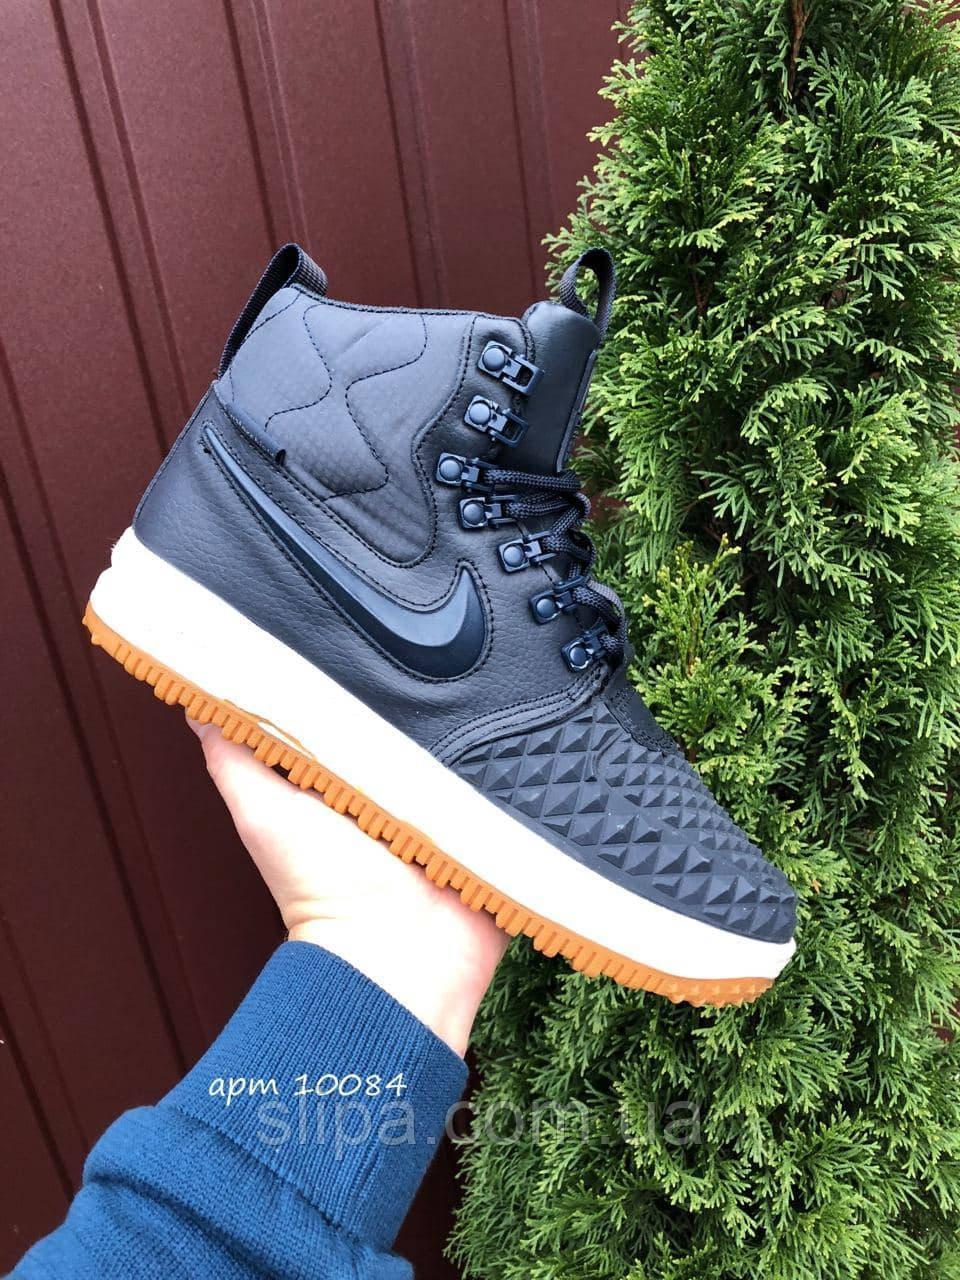 Мужские зимние кроссовки Nike Lunar Force 1 Duckboot тёмно синие на белой подошве